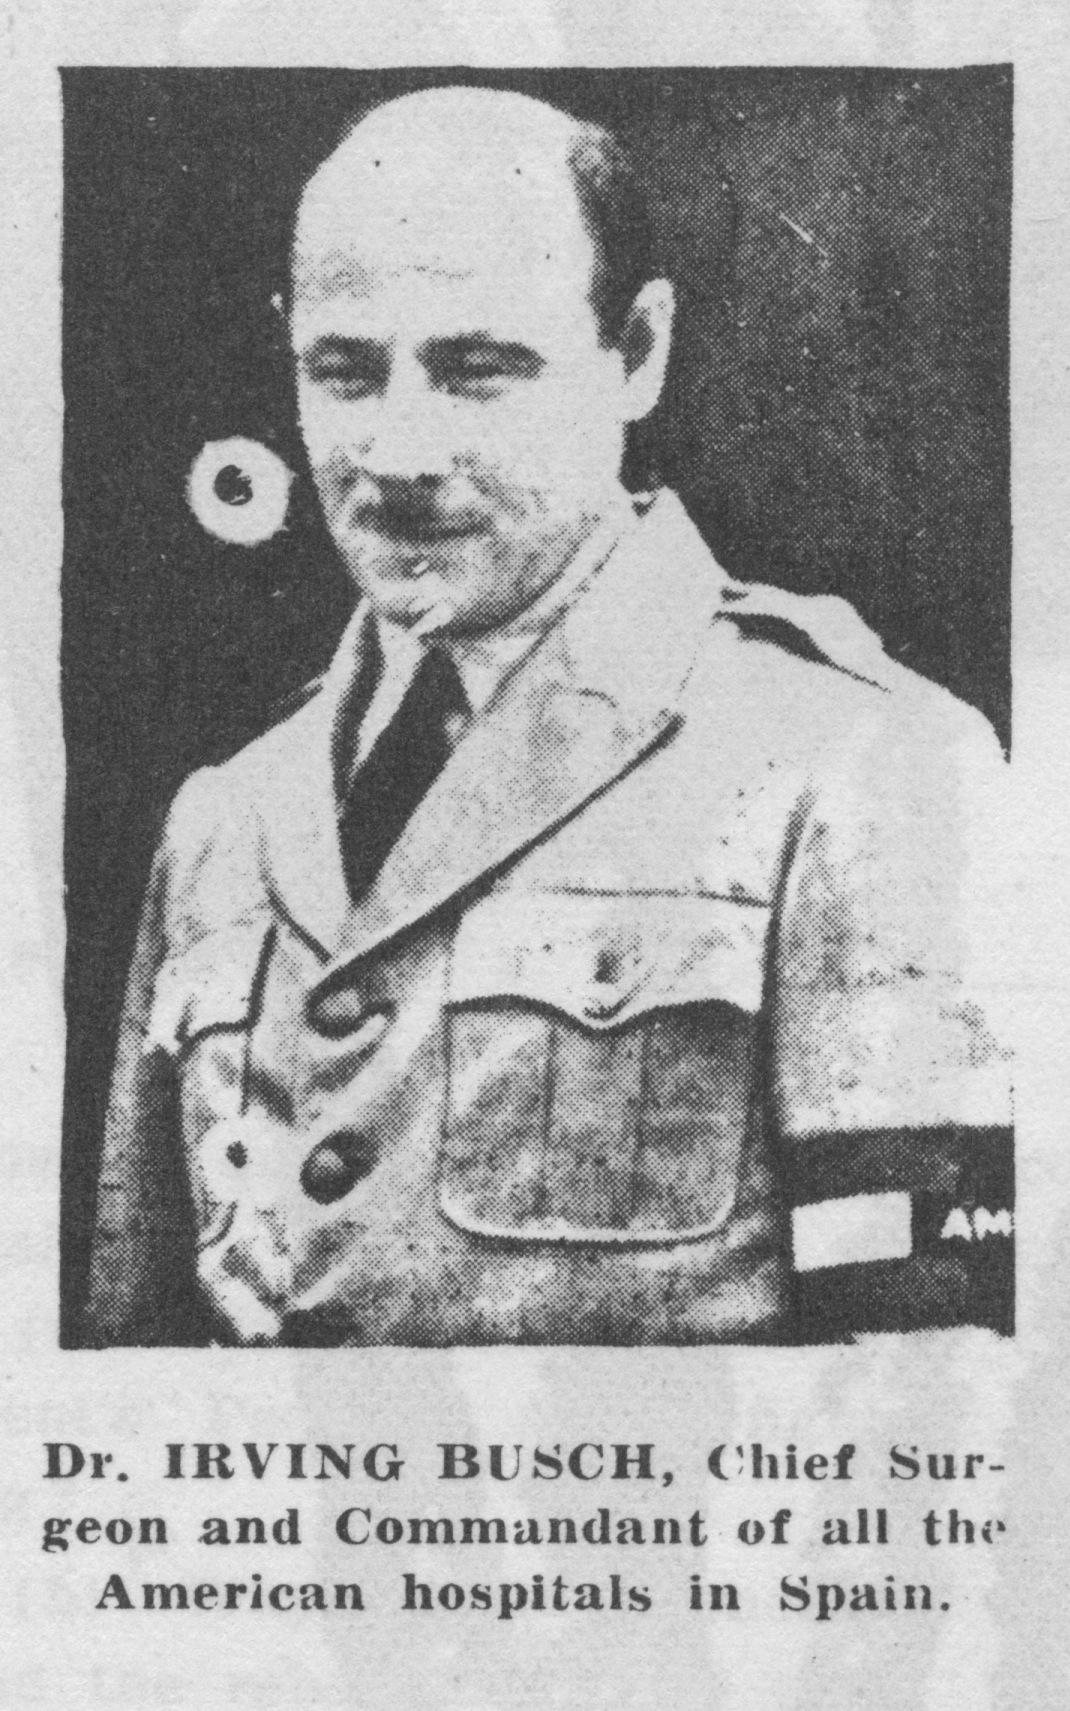 Irving Busch